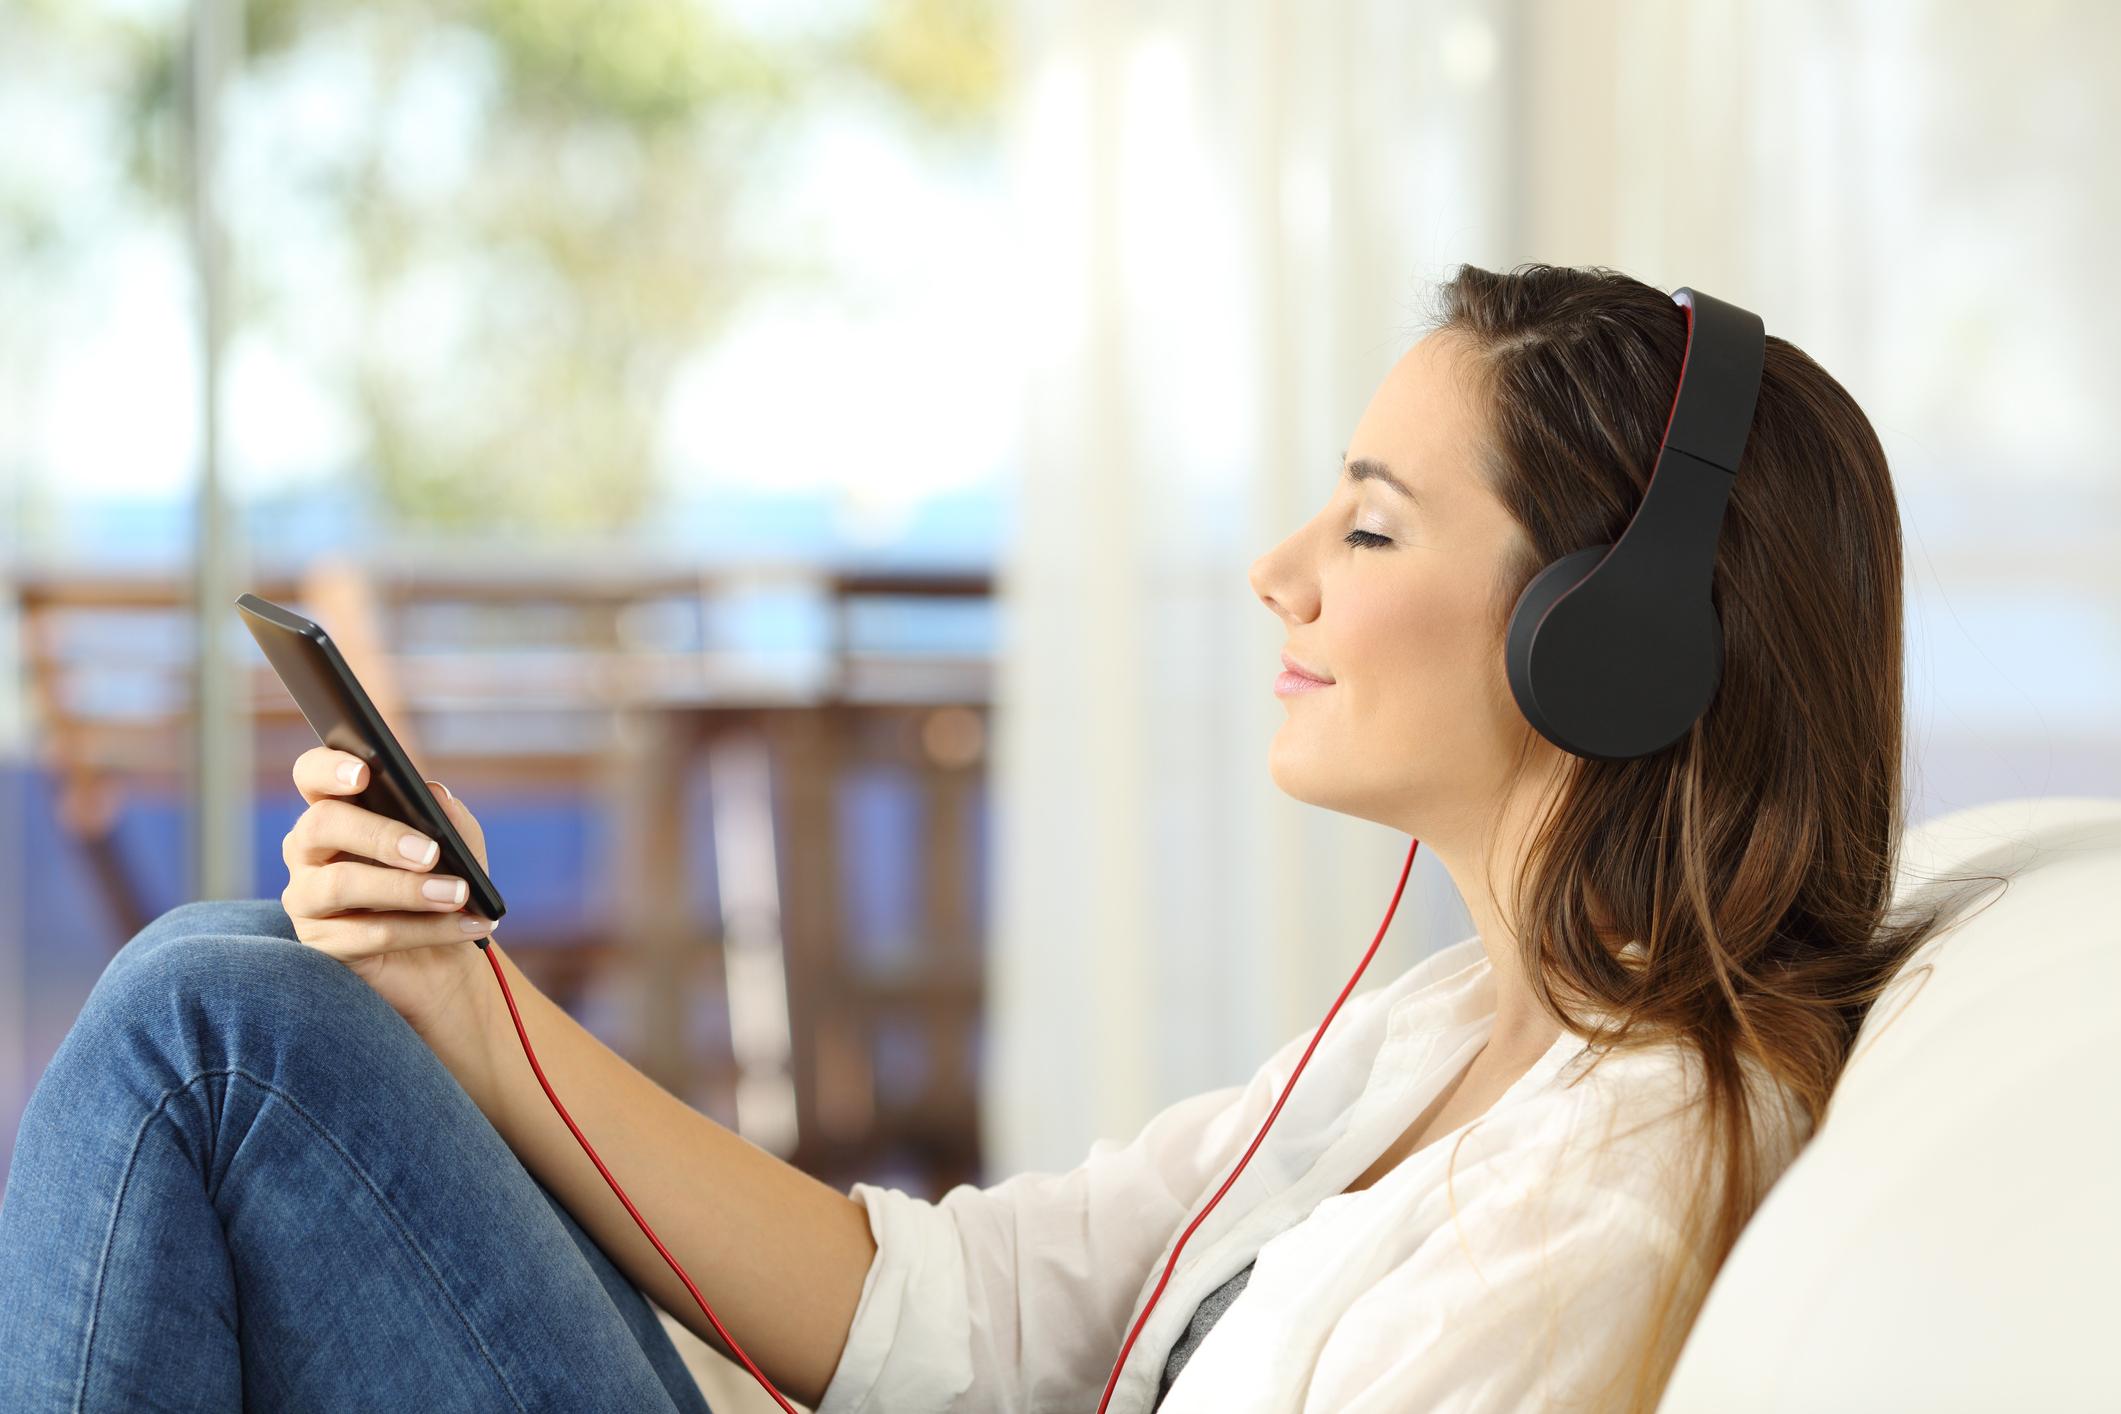 O uso de fones de ouvido deve ser usado com moderação, levando em conta o nível do volume. Mas existem outras preocupações que devem ser levadas em consideração.